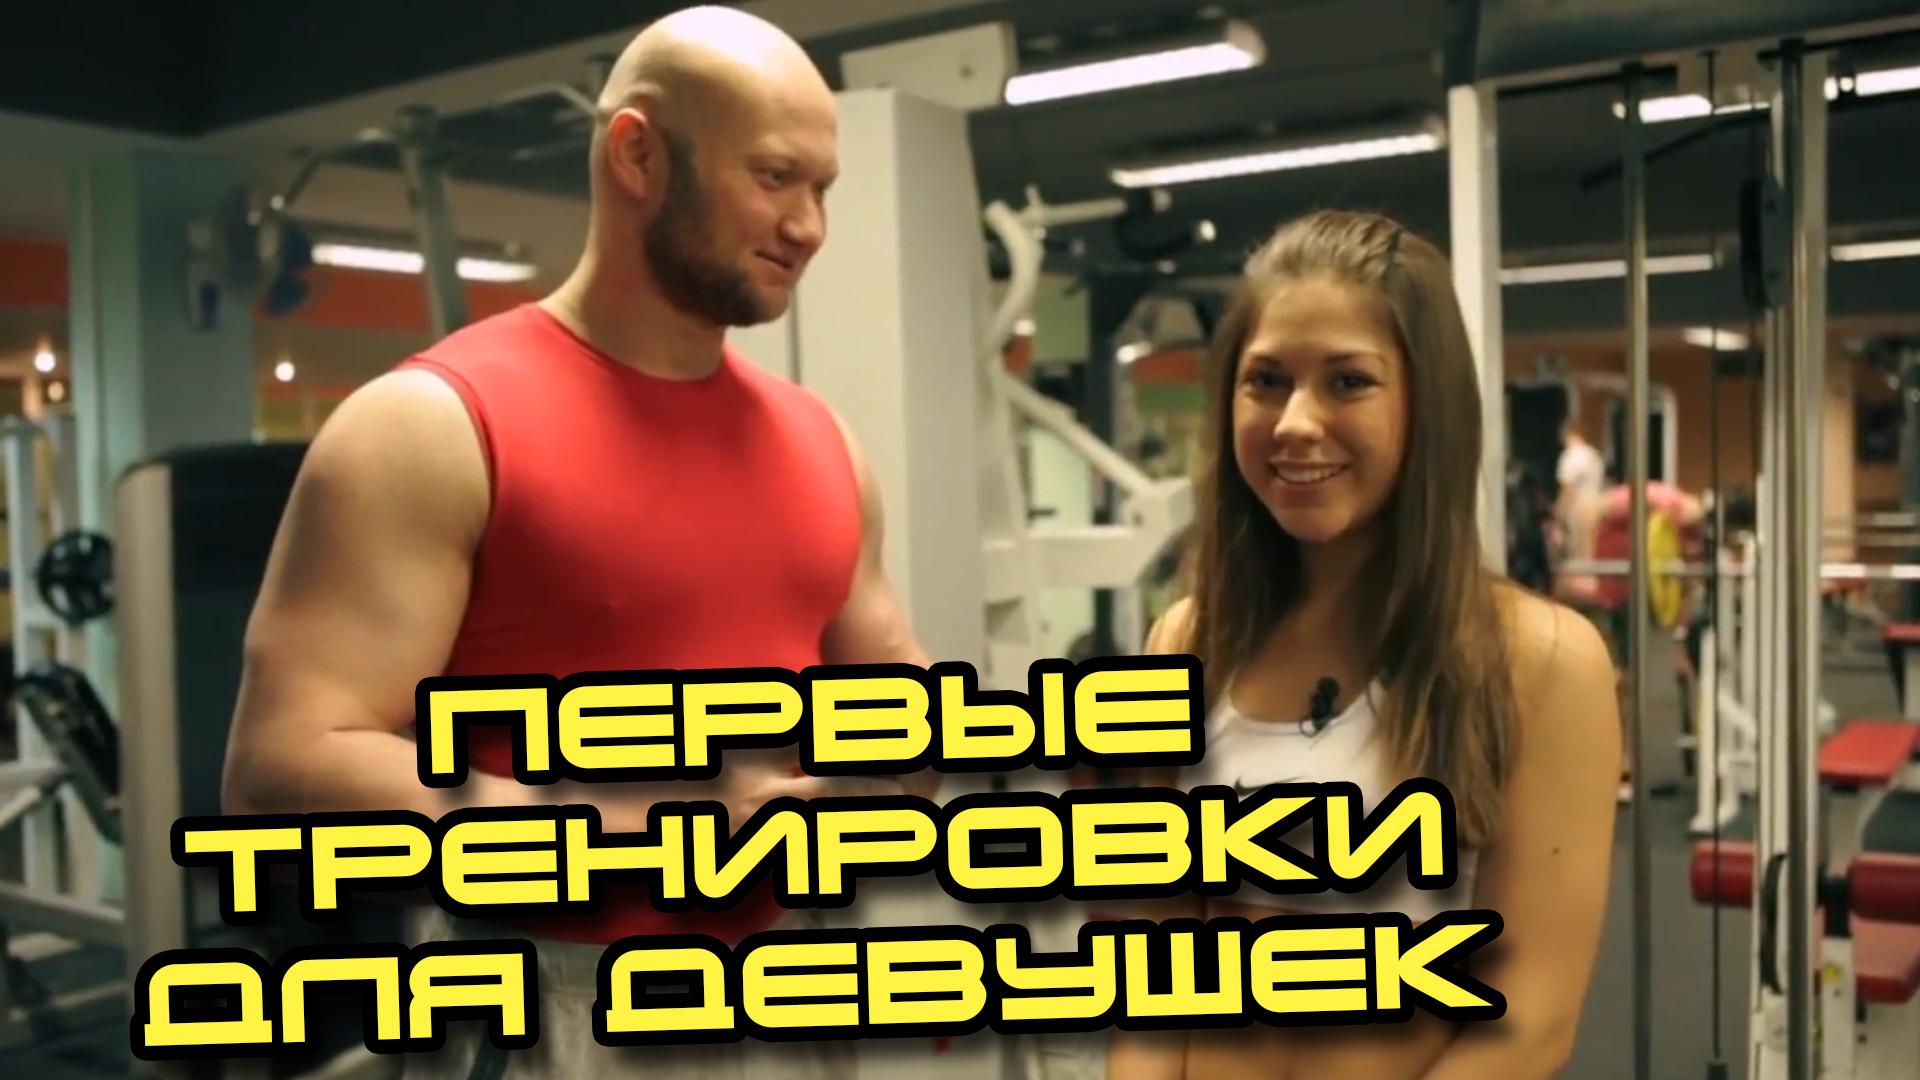 Программа тренировок на тренажерах для похудения для женщин